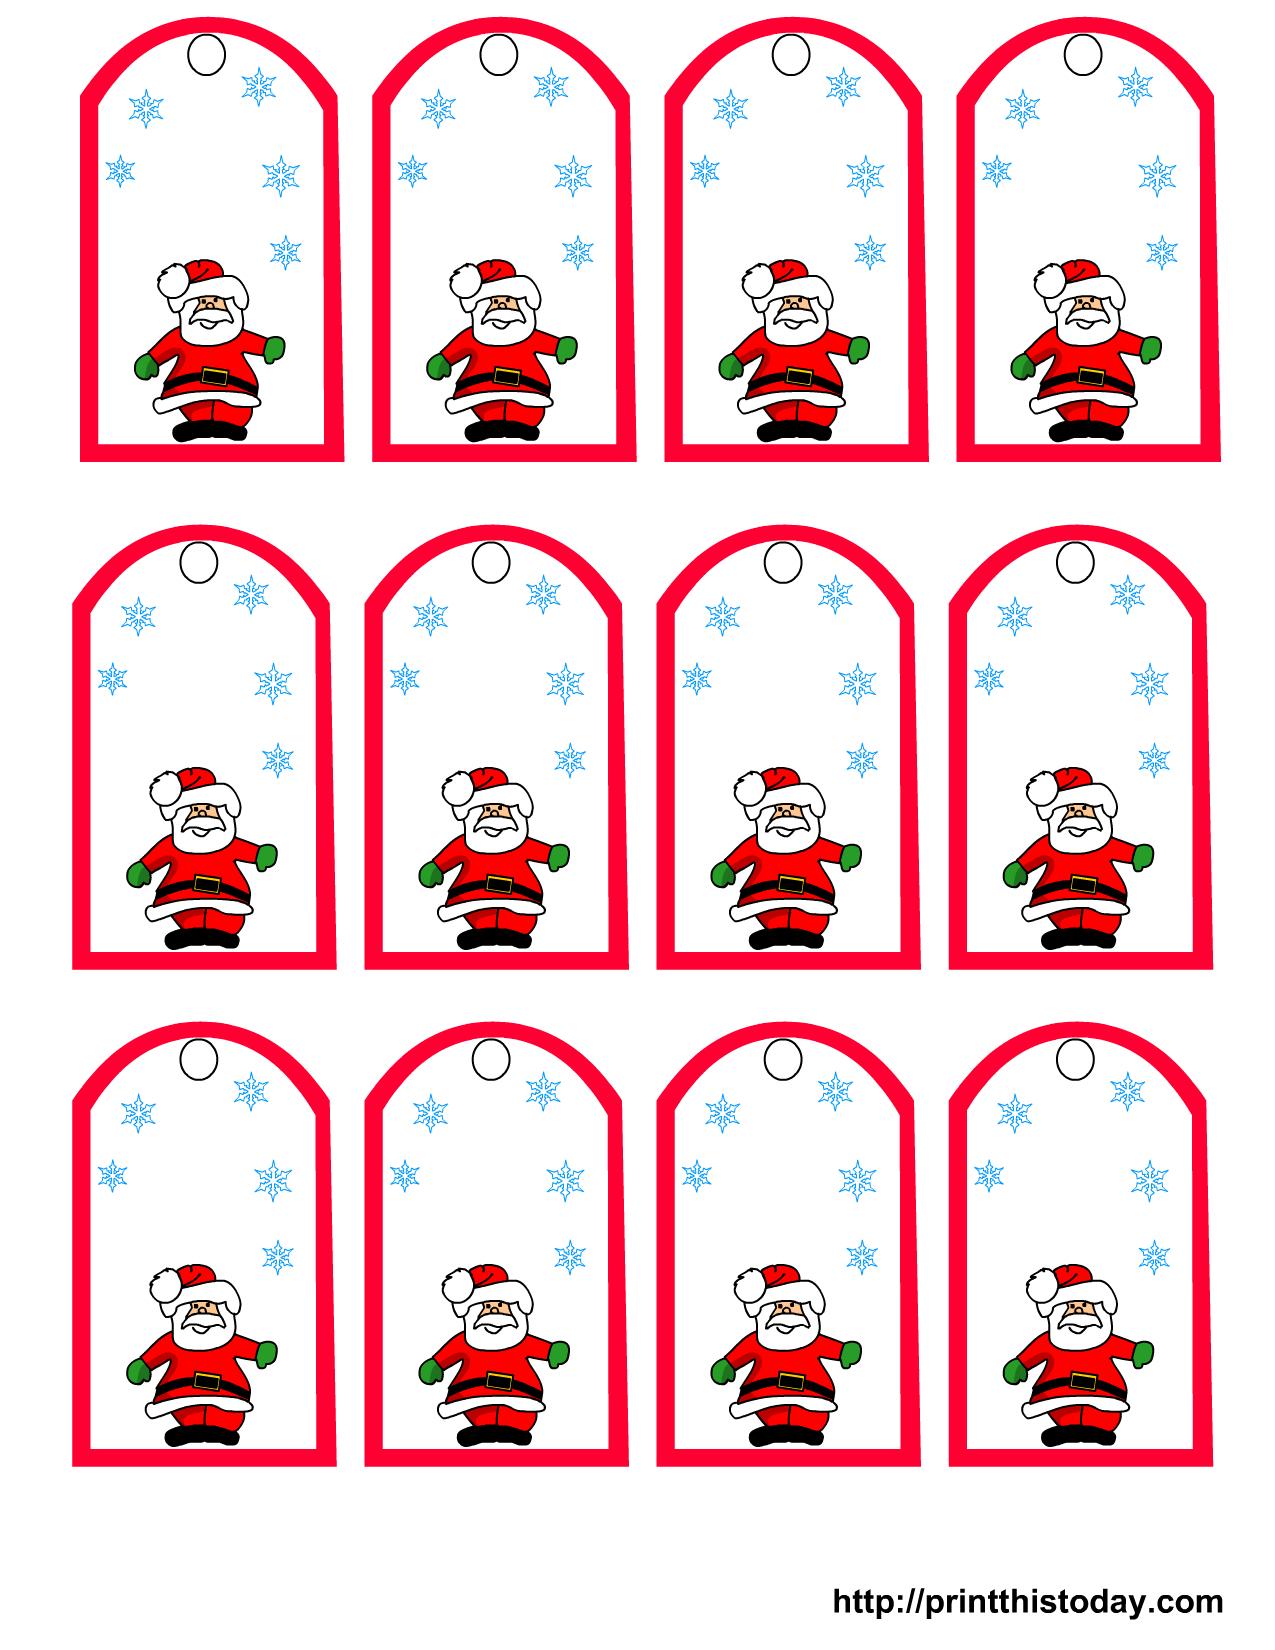 47 Free Printable Christmas Gift Tags (That You Can Edit And - Free Printable Christmas Labels